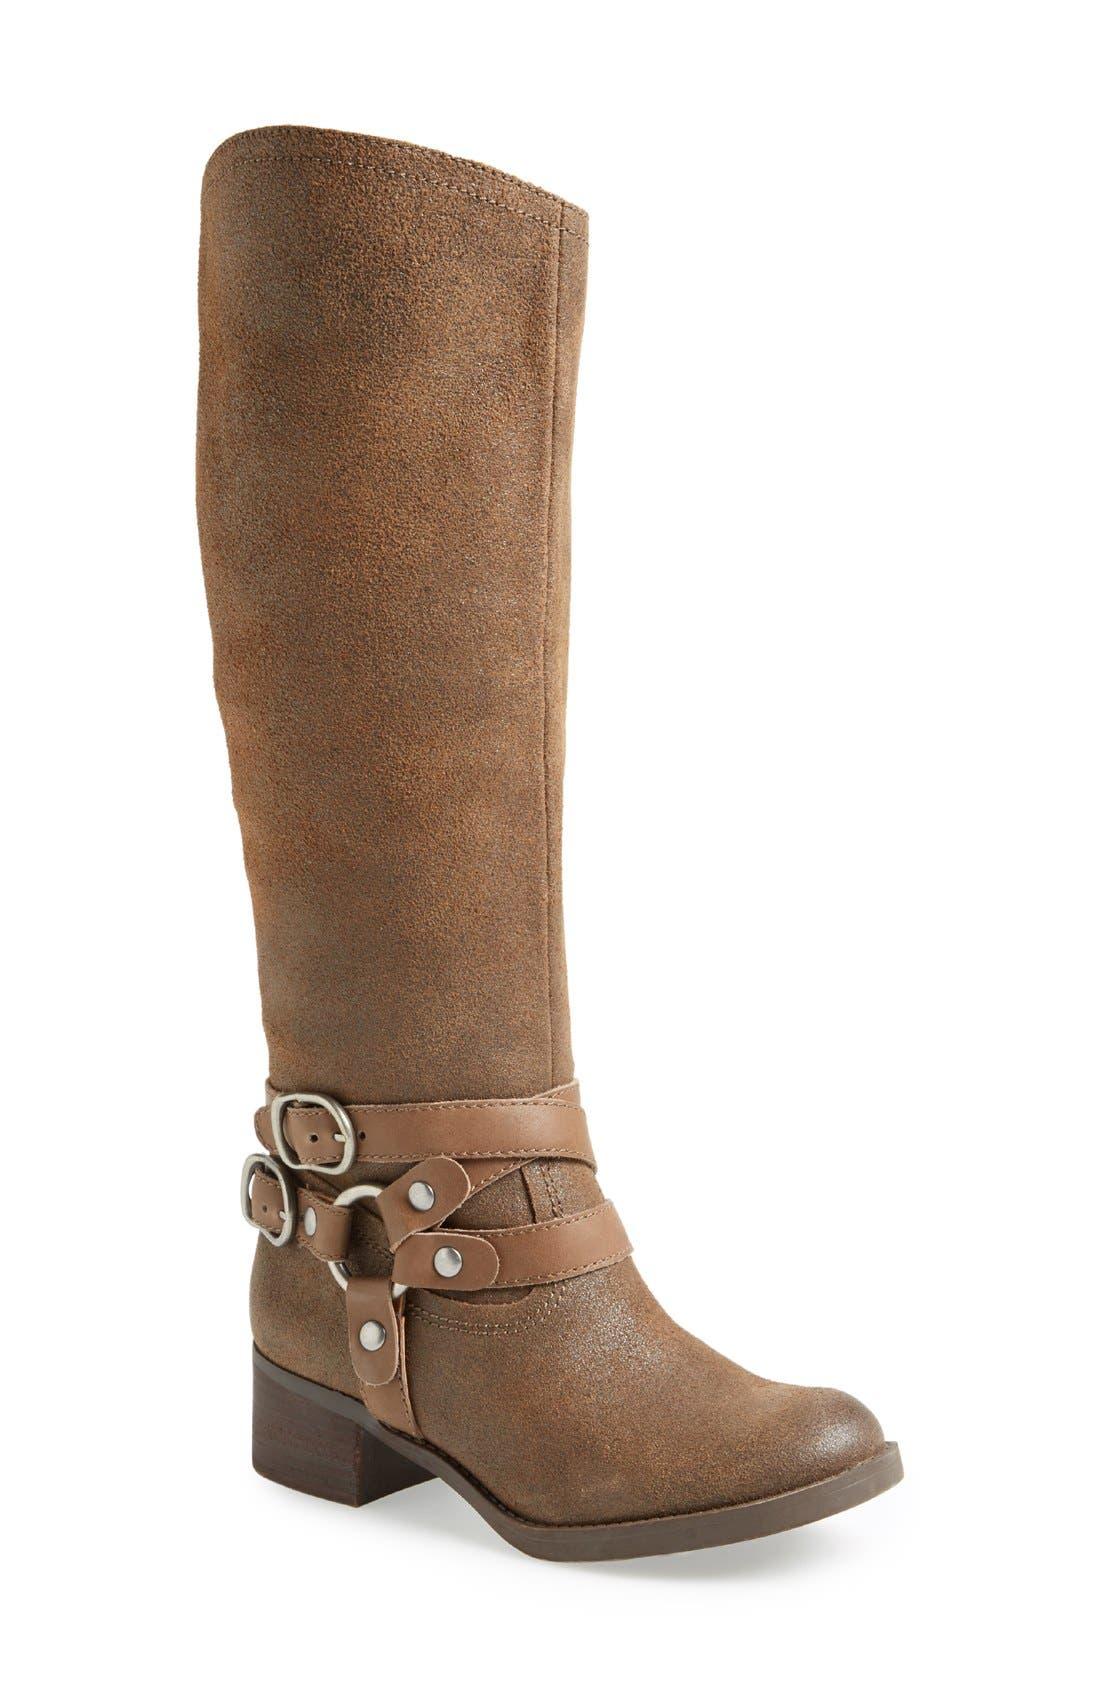 Main Image - Lucky Brand 'Hanah' Harness Boot (Women) (Wide Calf)